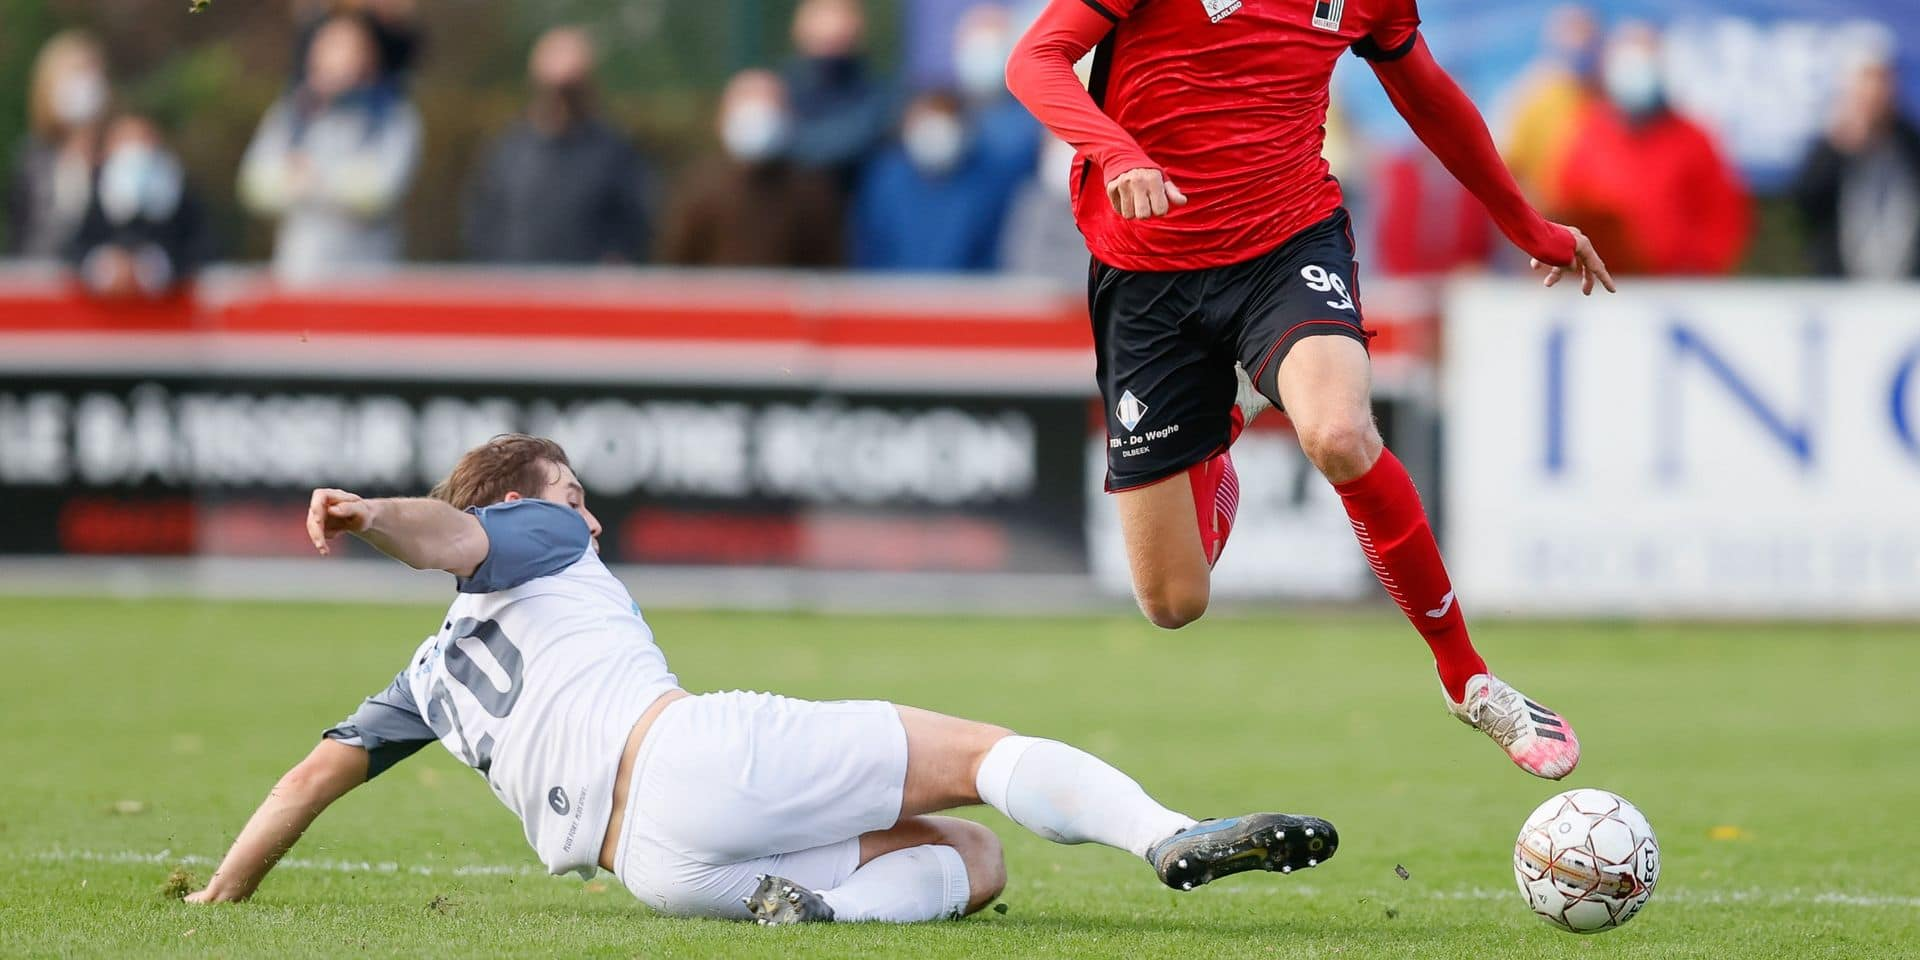 """Thibault Monmart, après la lourde défaite de Rochefort face au RWDM: """"Le score ne reflète pas notre travail"""""""